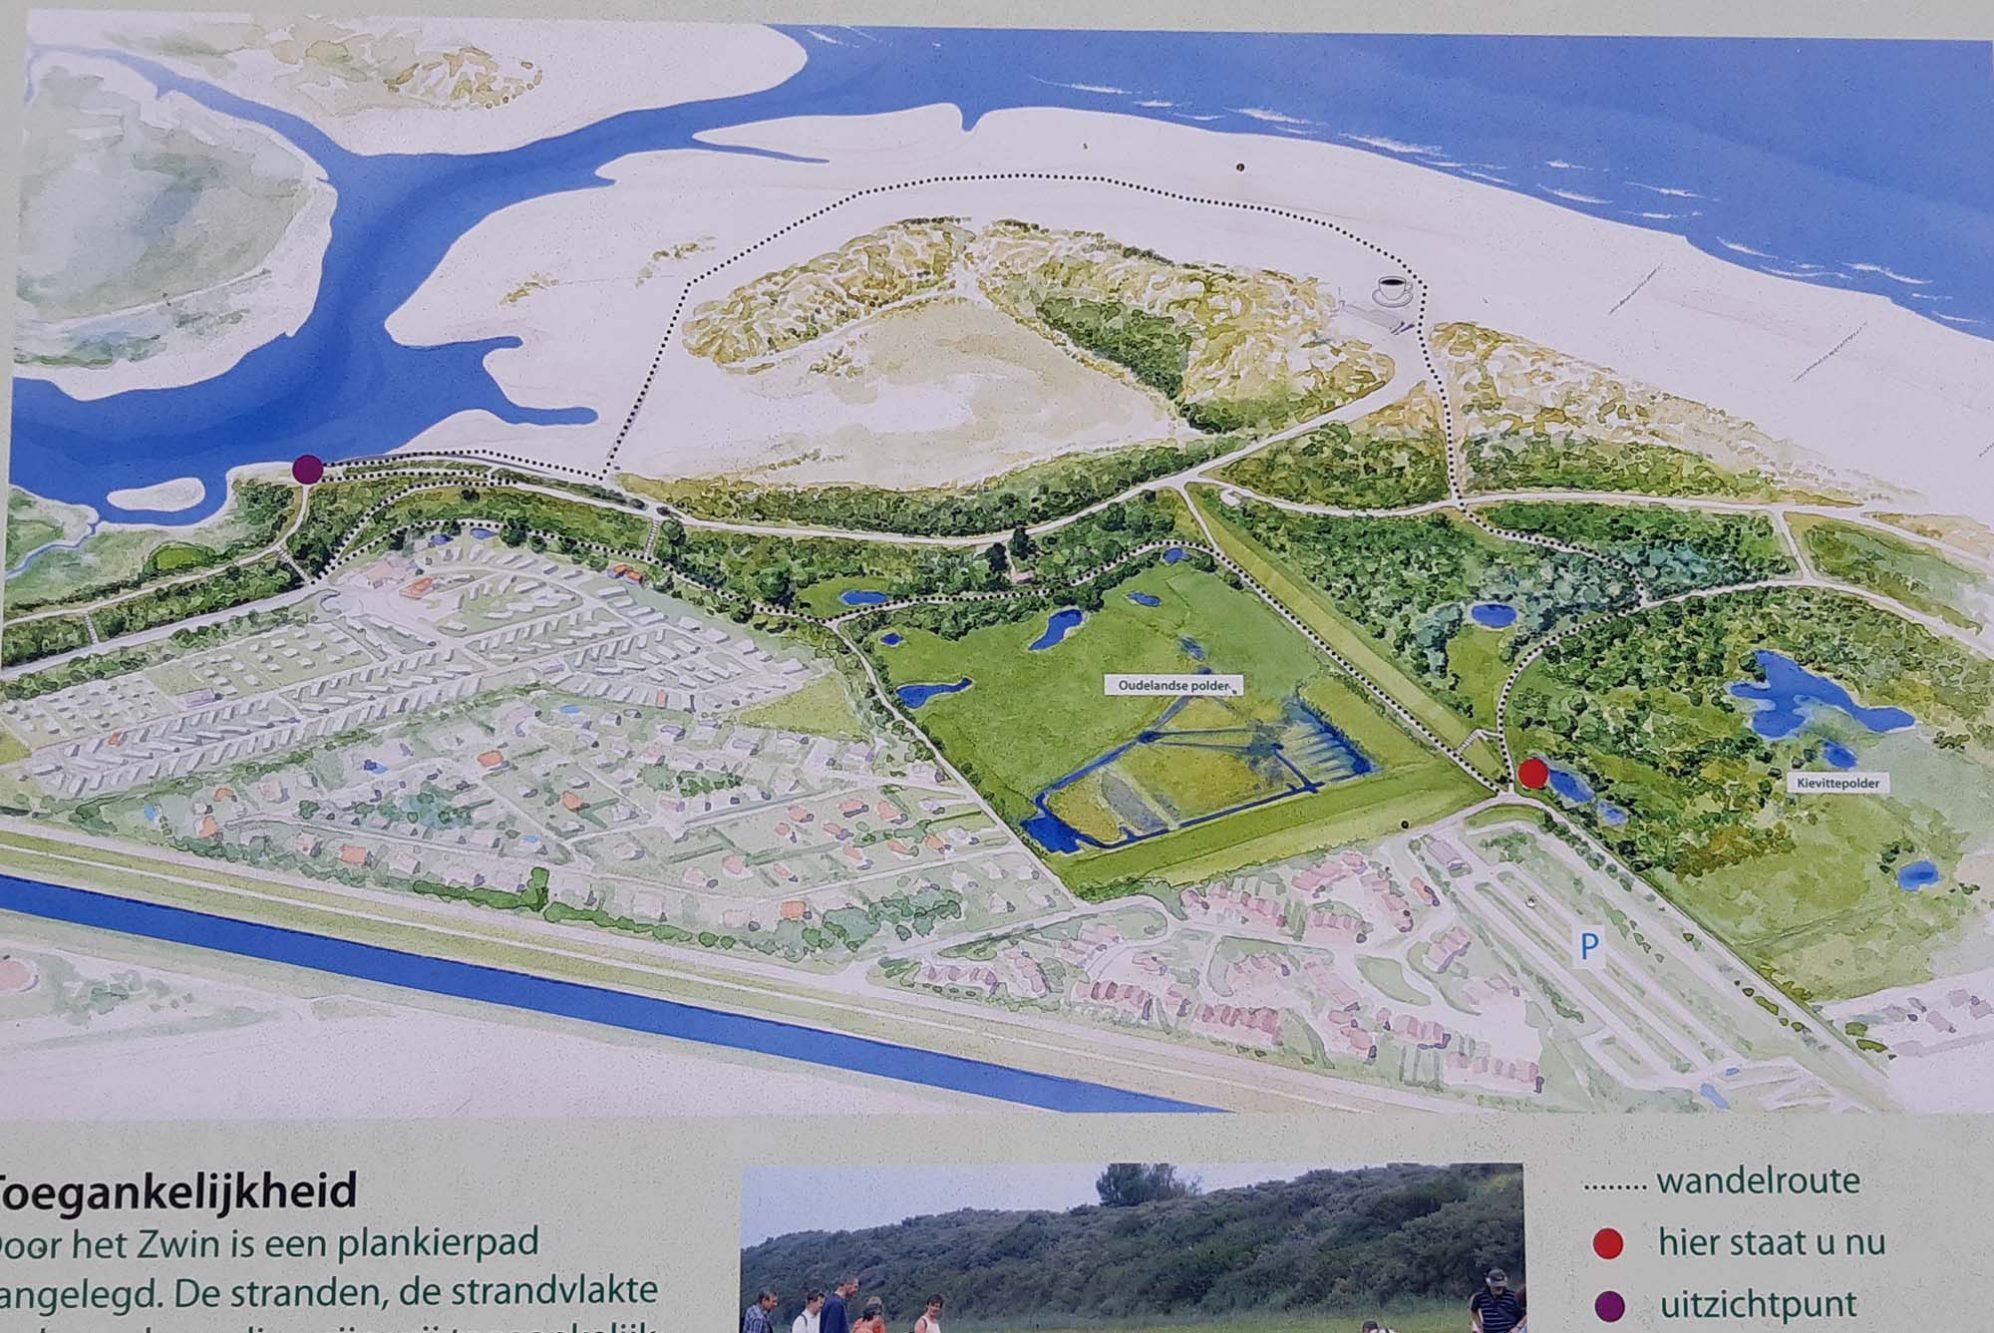 Natuurgebied het Zwin in Zeeland plattegrond met wandelroute